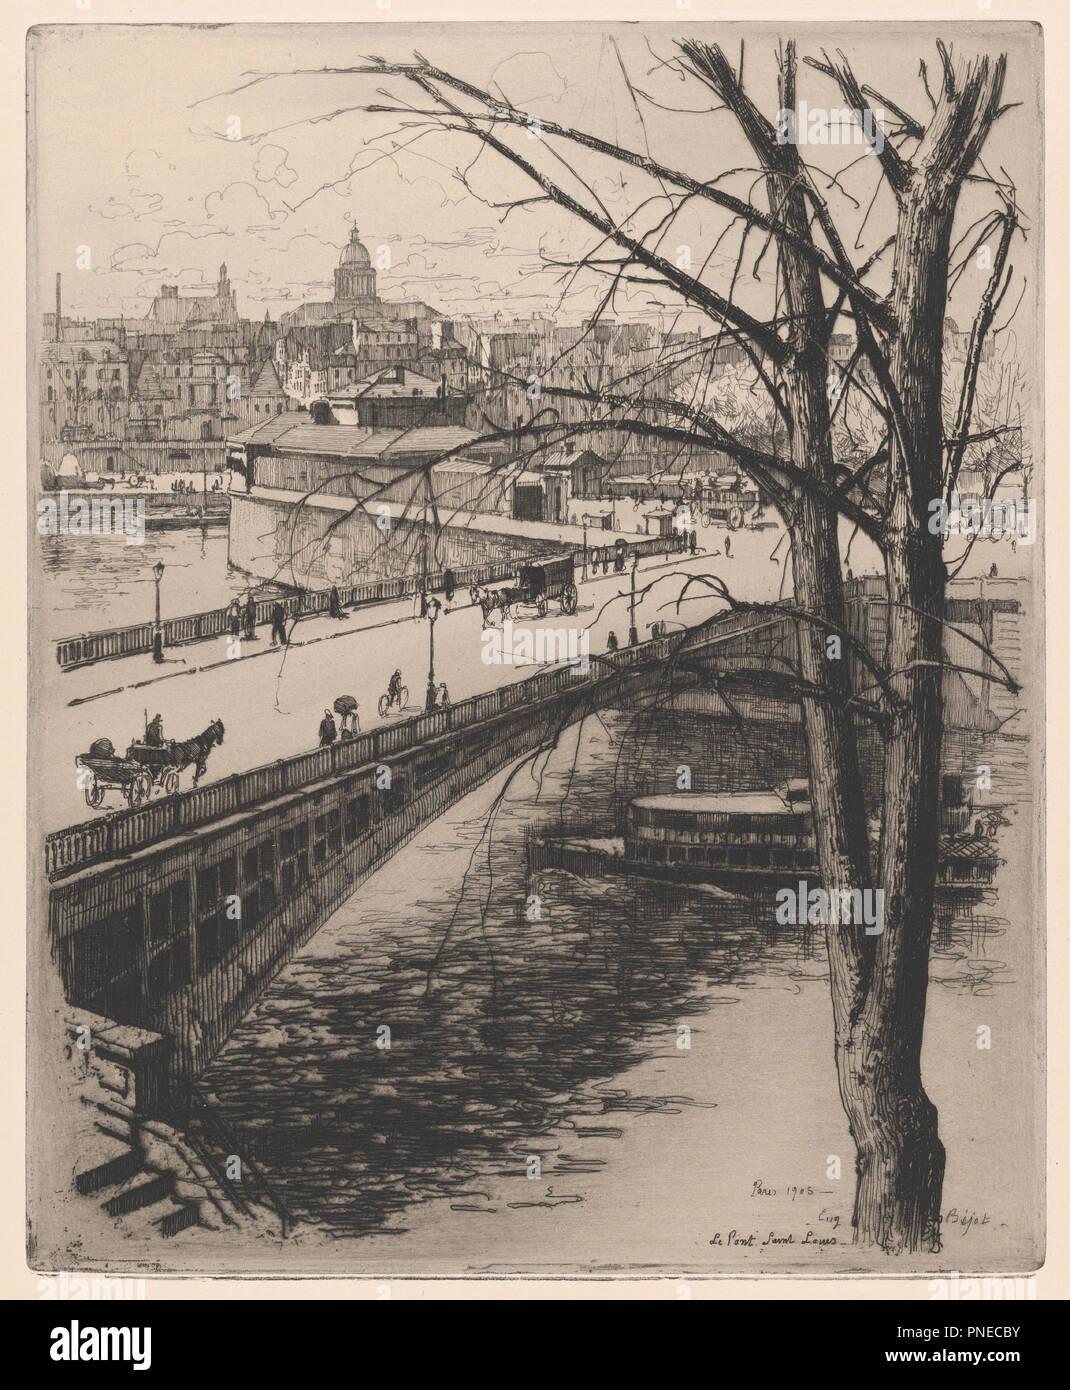 The Pont Saint-Louis, Paris. Artist: Eugène Béjot (French, Paris 1867-1931 Paris). Dimensions: Sheet: 18 15/16 × 13 7/16 in. (48.1 × 34.1 cm)  Plate: 11 7/8 × 9 11/16 in. (30.2 × 24.6 cm). Date: 1905. Museum: Metropolitan Museum of Art, New York, USA. - Stock Image